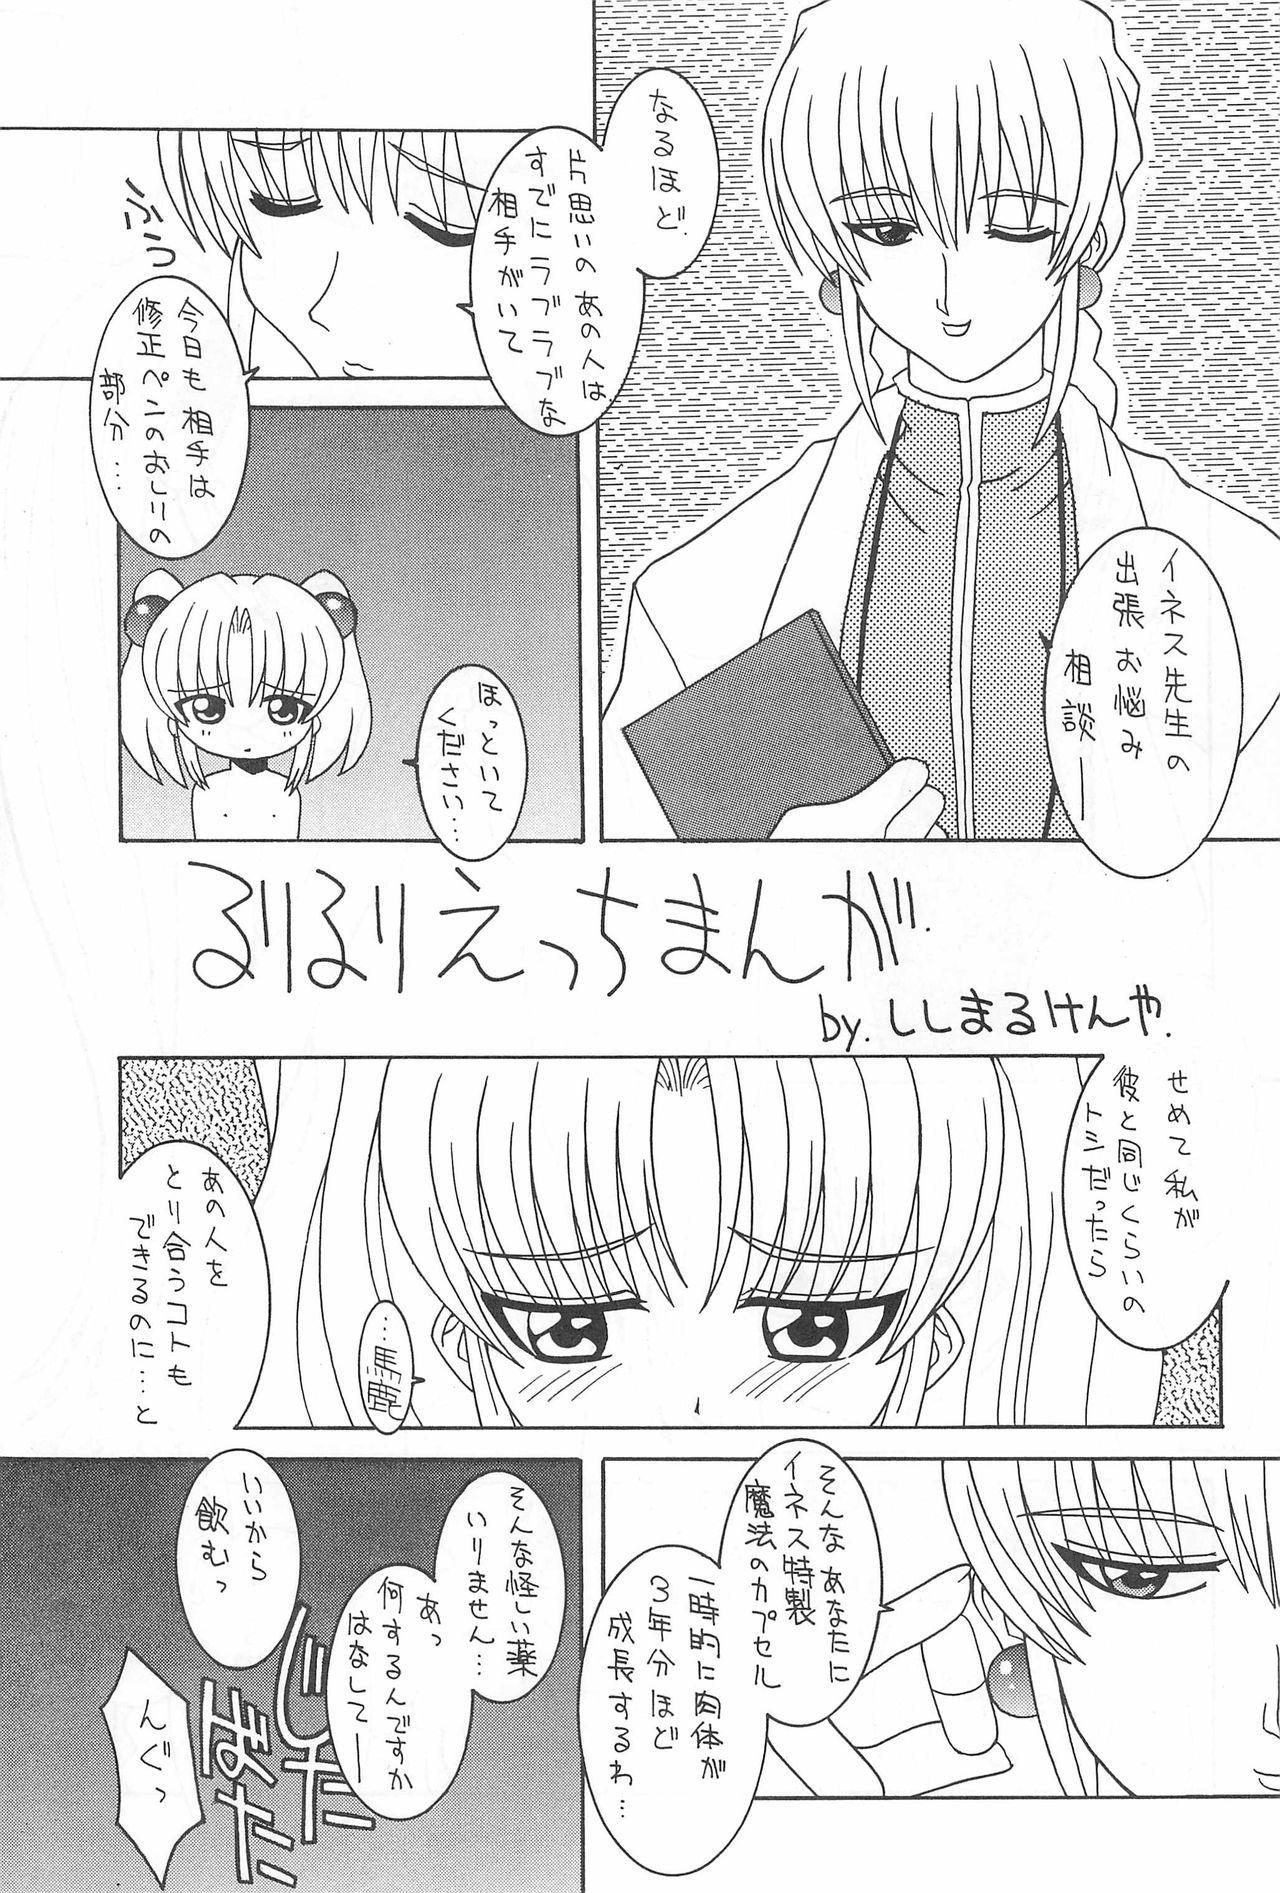 Soko da! Ninpou Youjitaikei no Jutsu EX 6